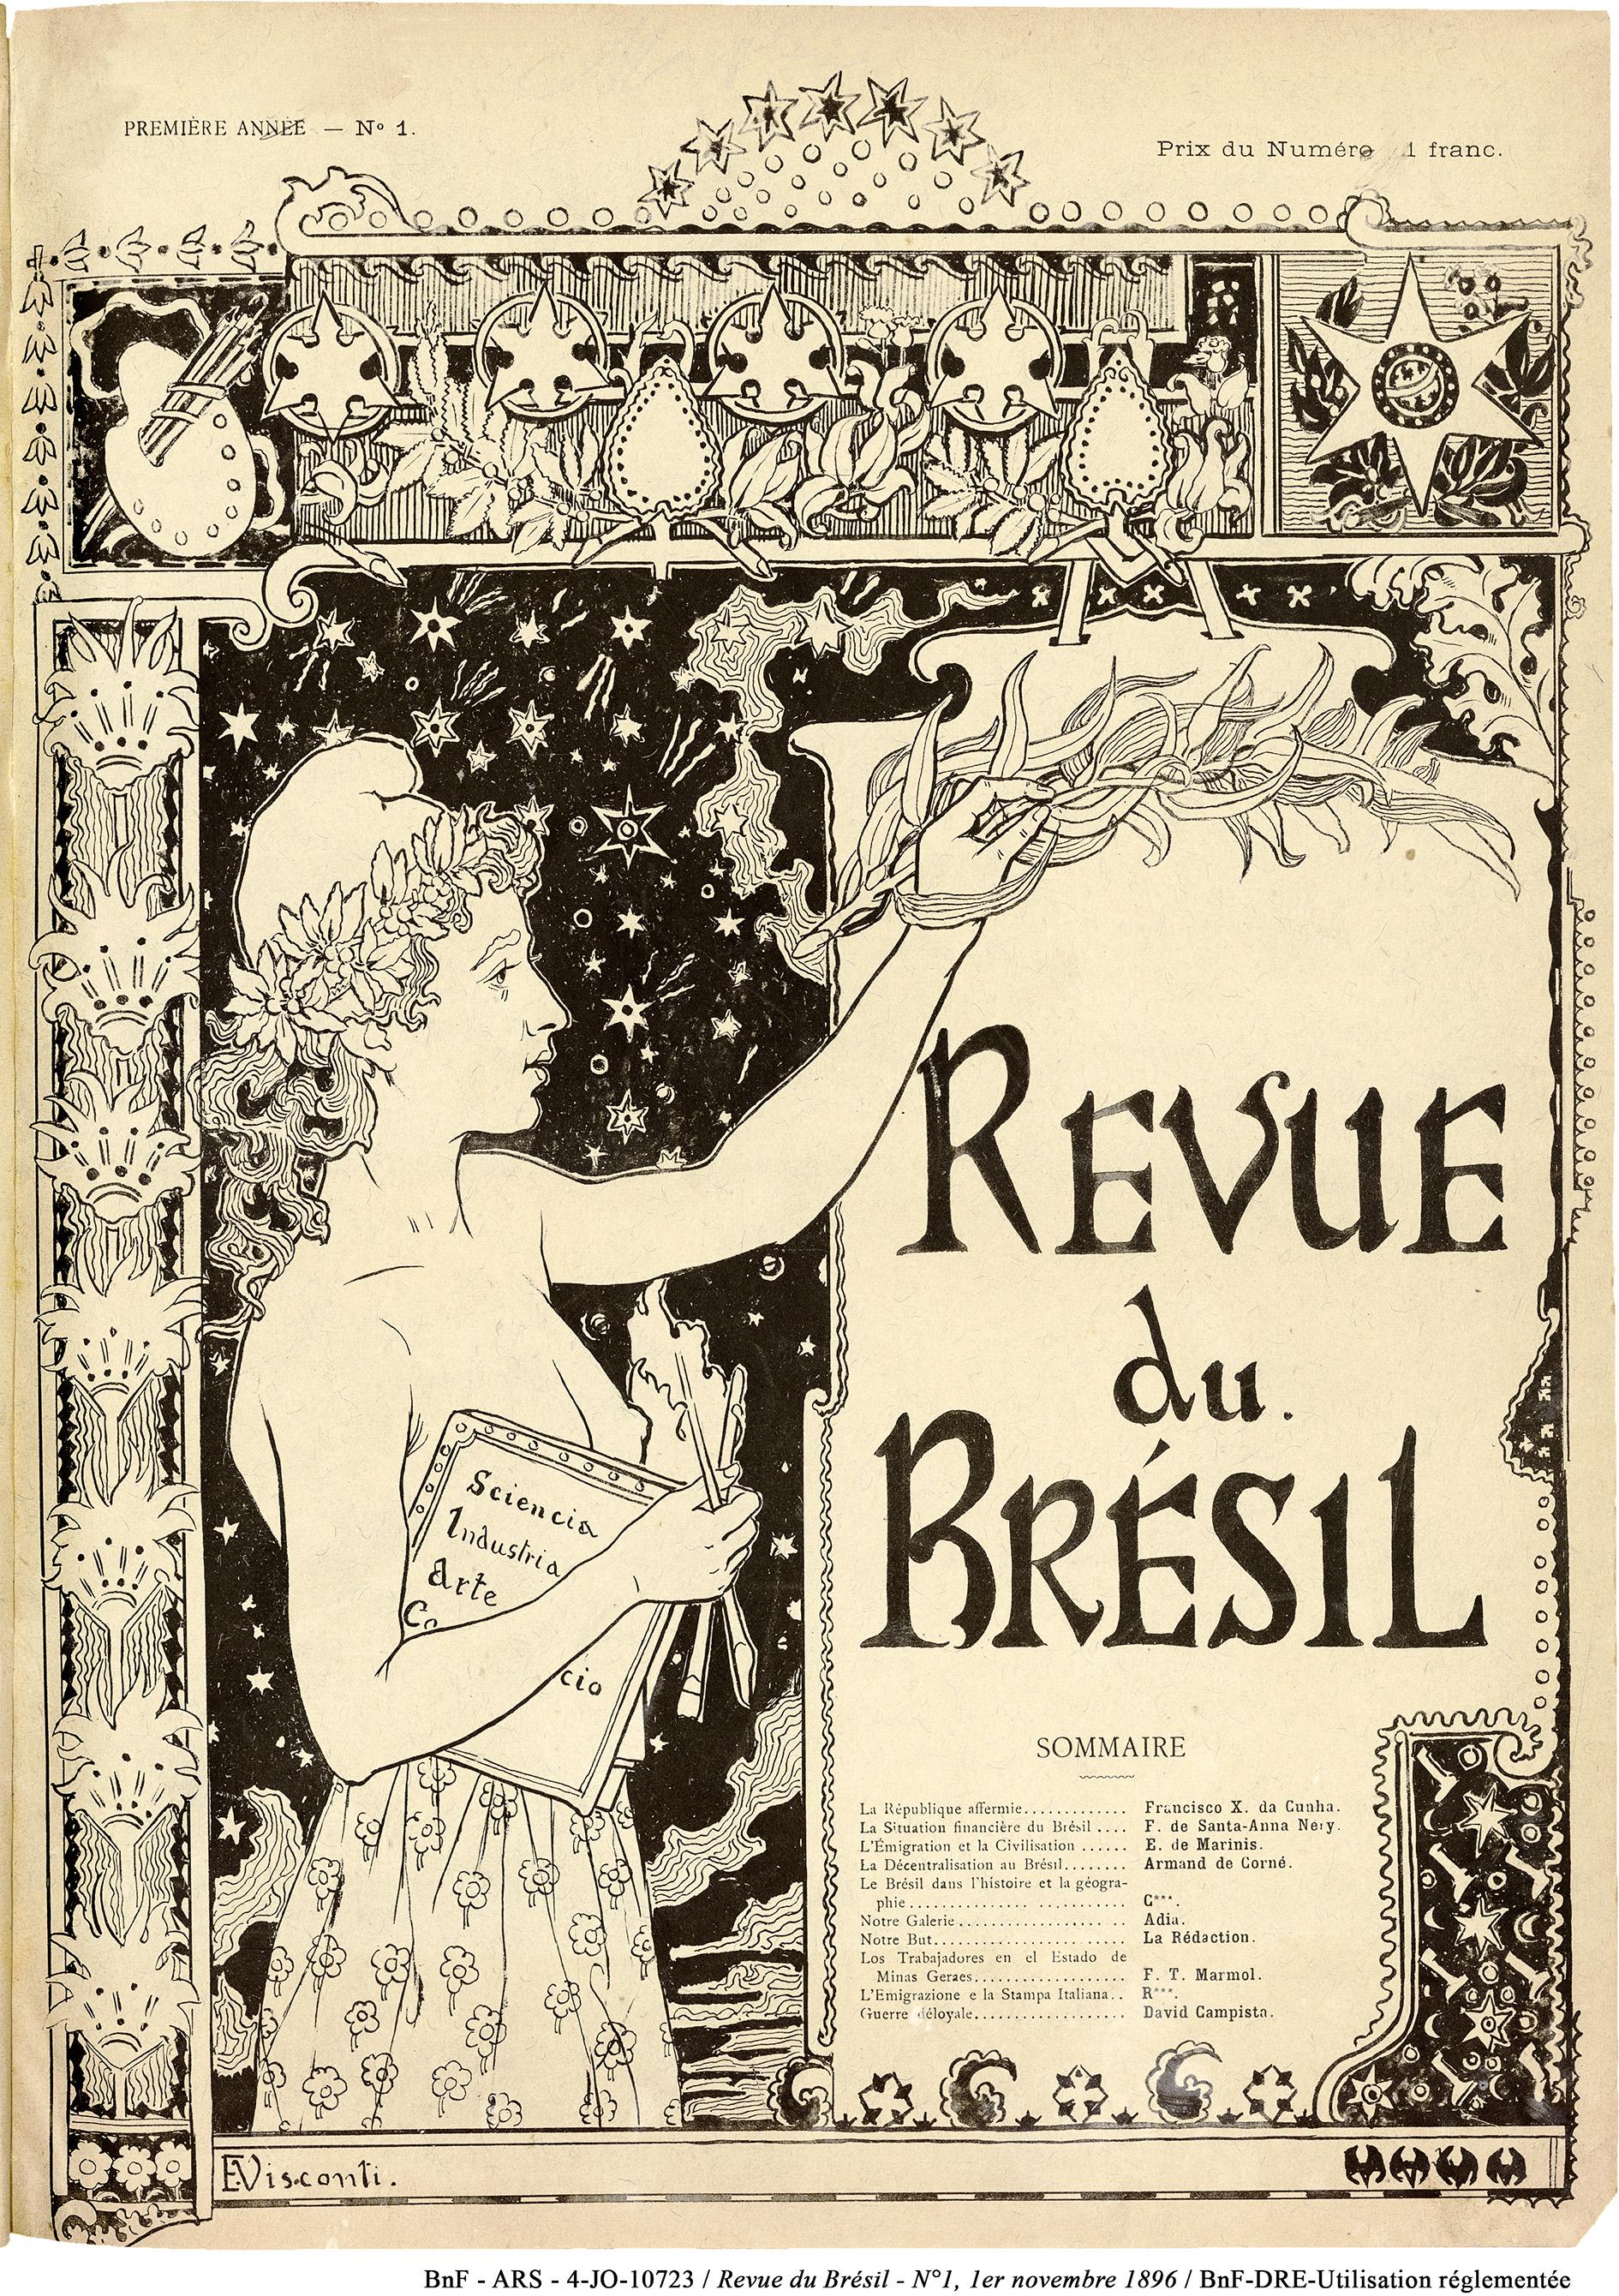 CAPA DO PRIMEIRO NÚMERO DA REVUE DU BRÉSIL EDITADA EM PARIS - NOVEMBRO DE 1896 - 37 x 29 cm - MATRIZ ORIGINAL DE LOCALIZAÇÃO DESCONHECIDA